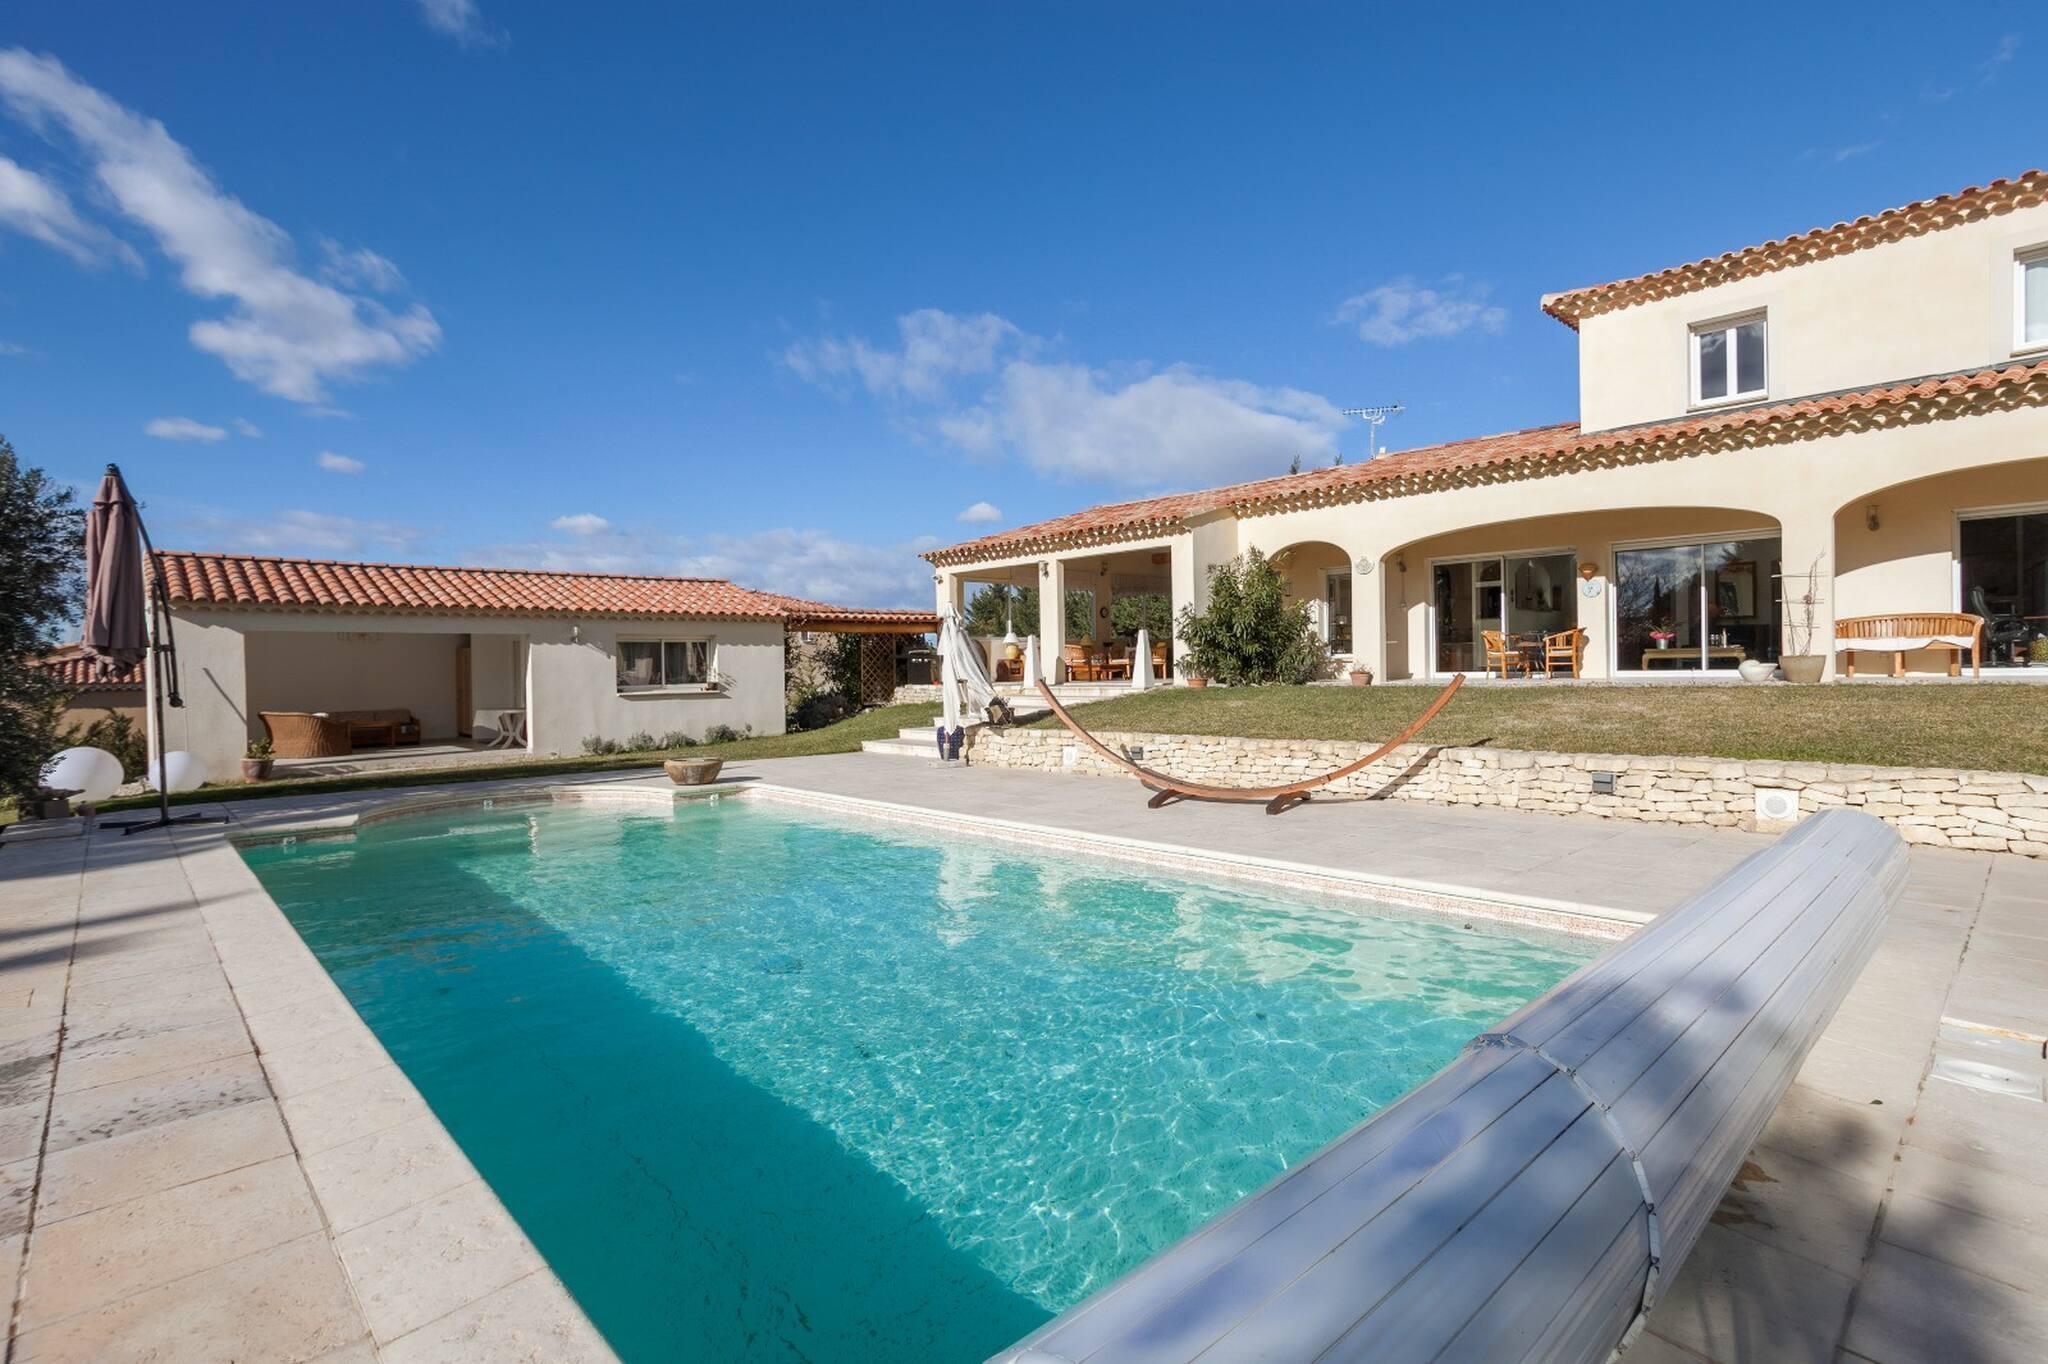 Maison de vacances La Bien Méritée - Für einen unvergesslichen Urlaub (2647544), L'Isle sur la Sorgue, Vaucluse, Provence - Alpes - Côte d'Azur, France, image 2